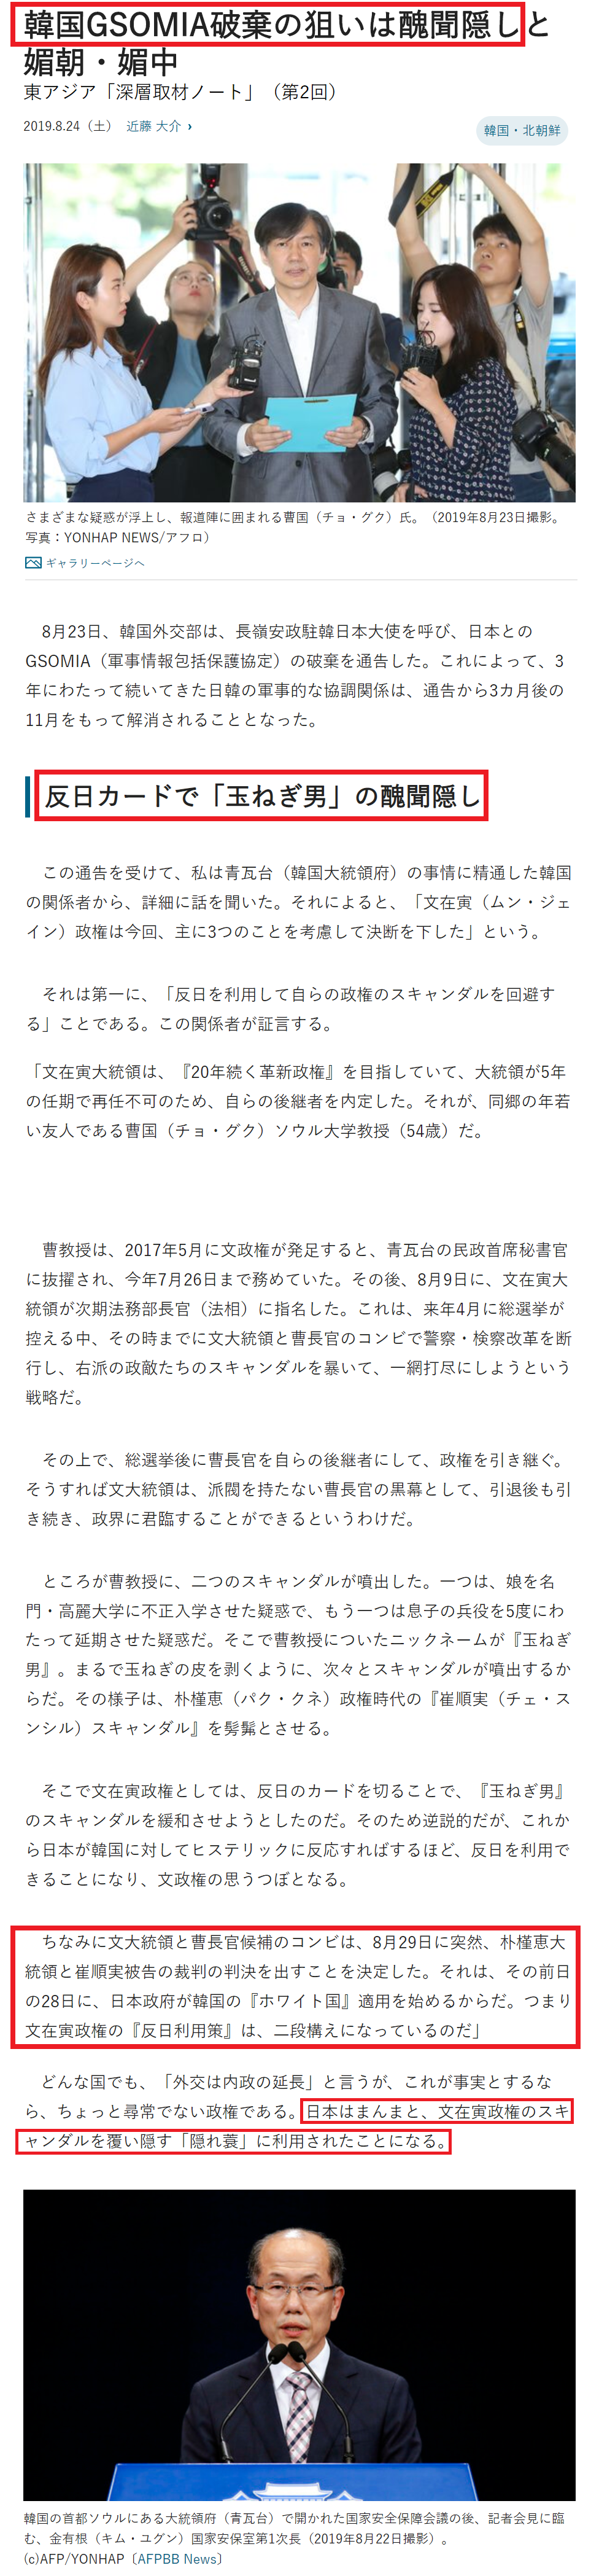 韓国GSOMIA破棄の狙いは醜聞隠しと1